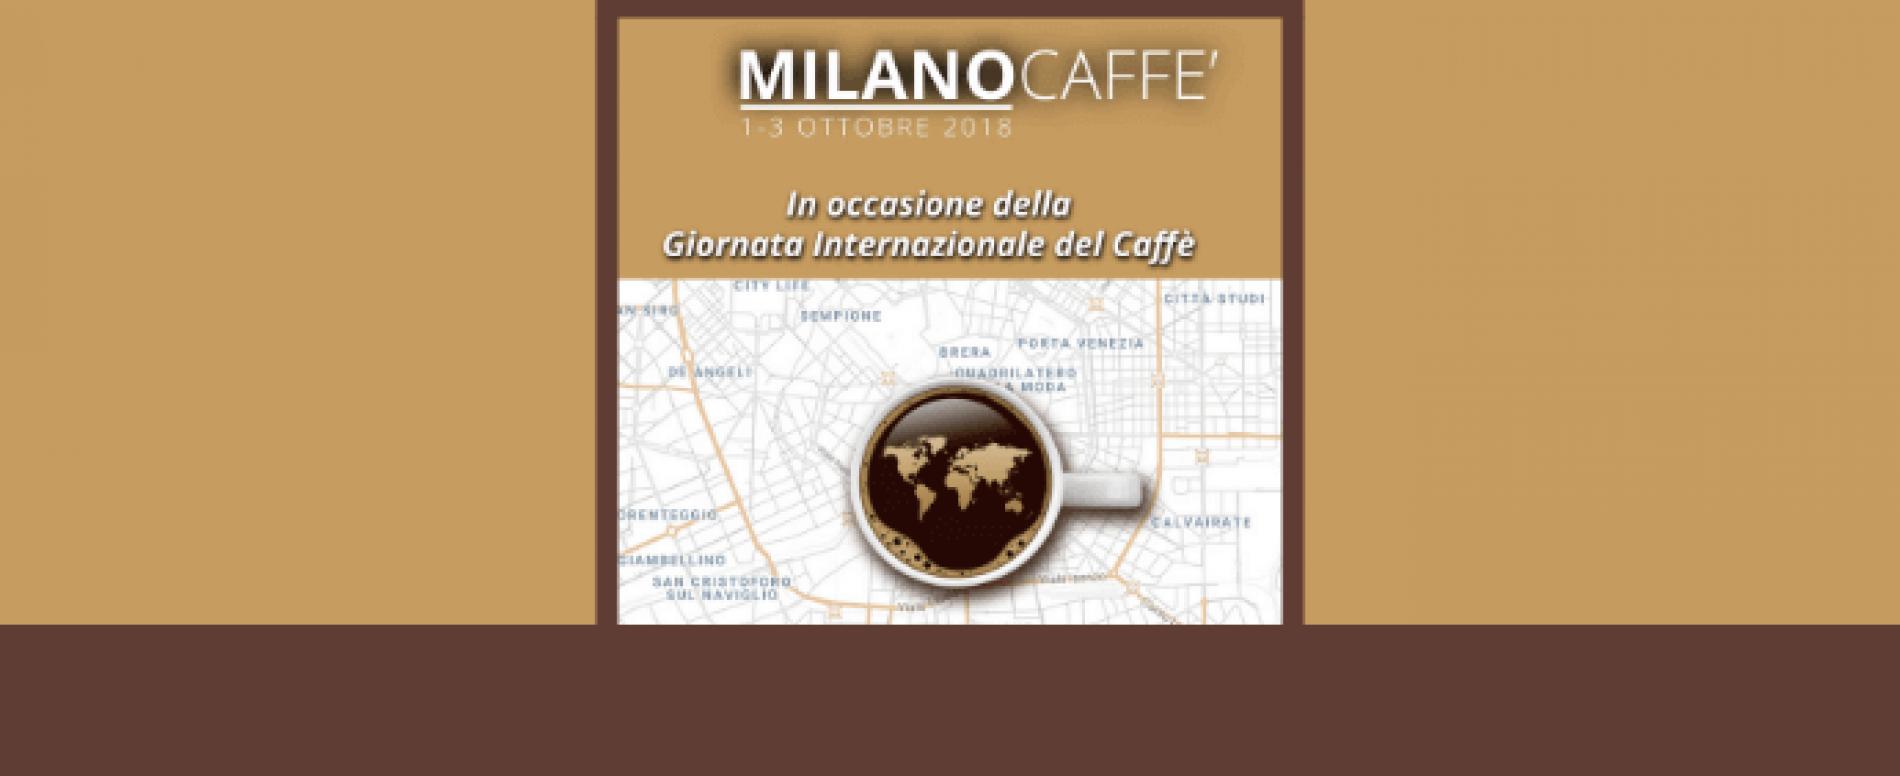 MilanoCaffè: nasce un nuovo evento dedicato al mondo del caffè